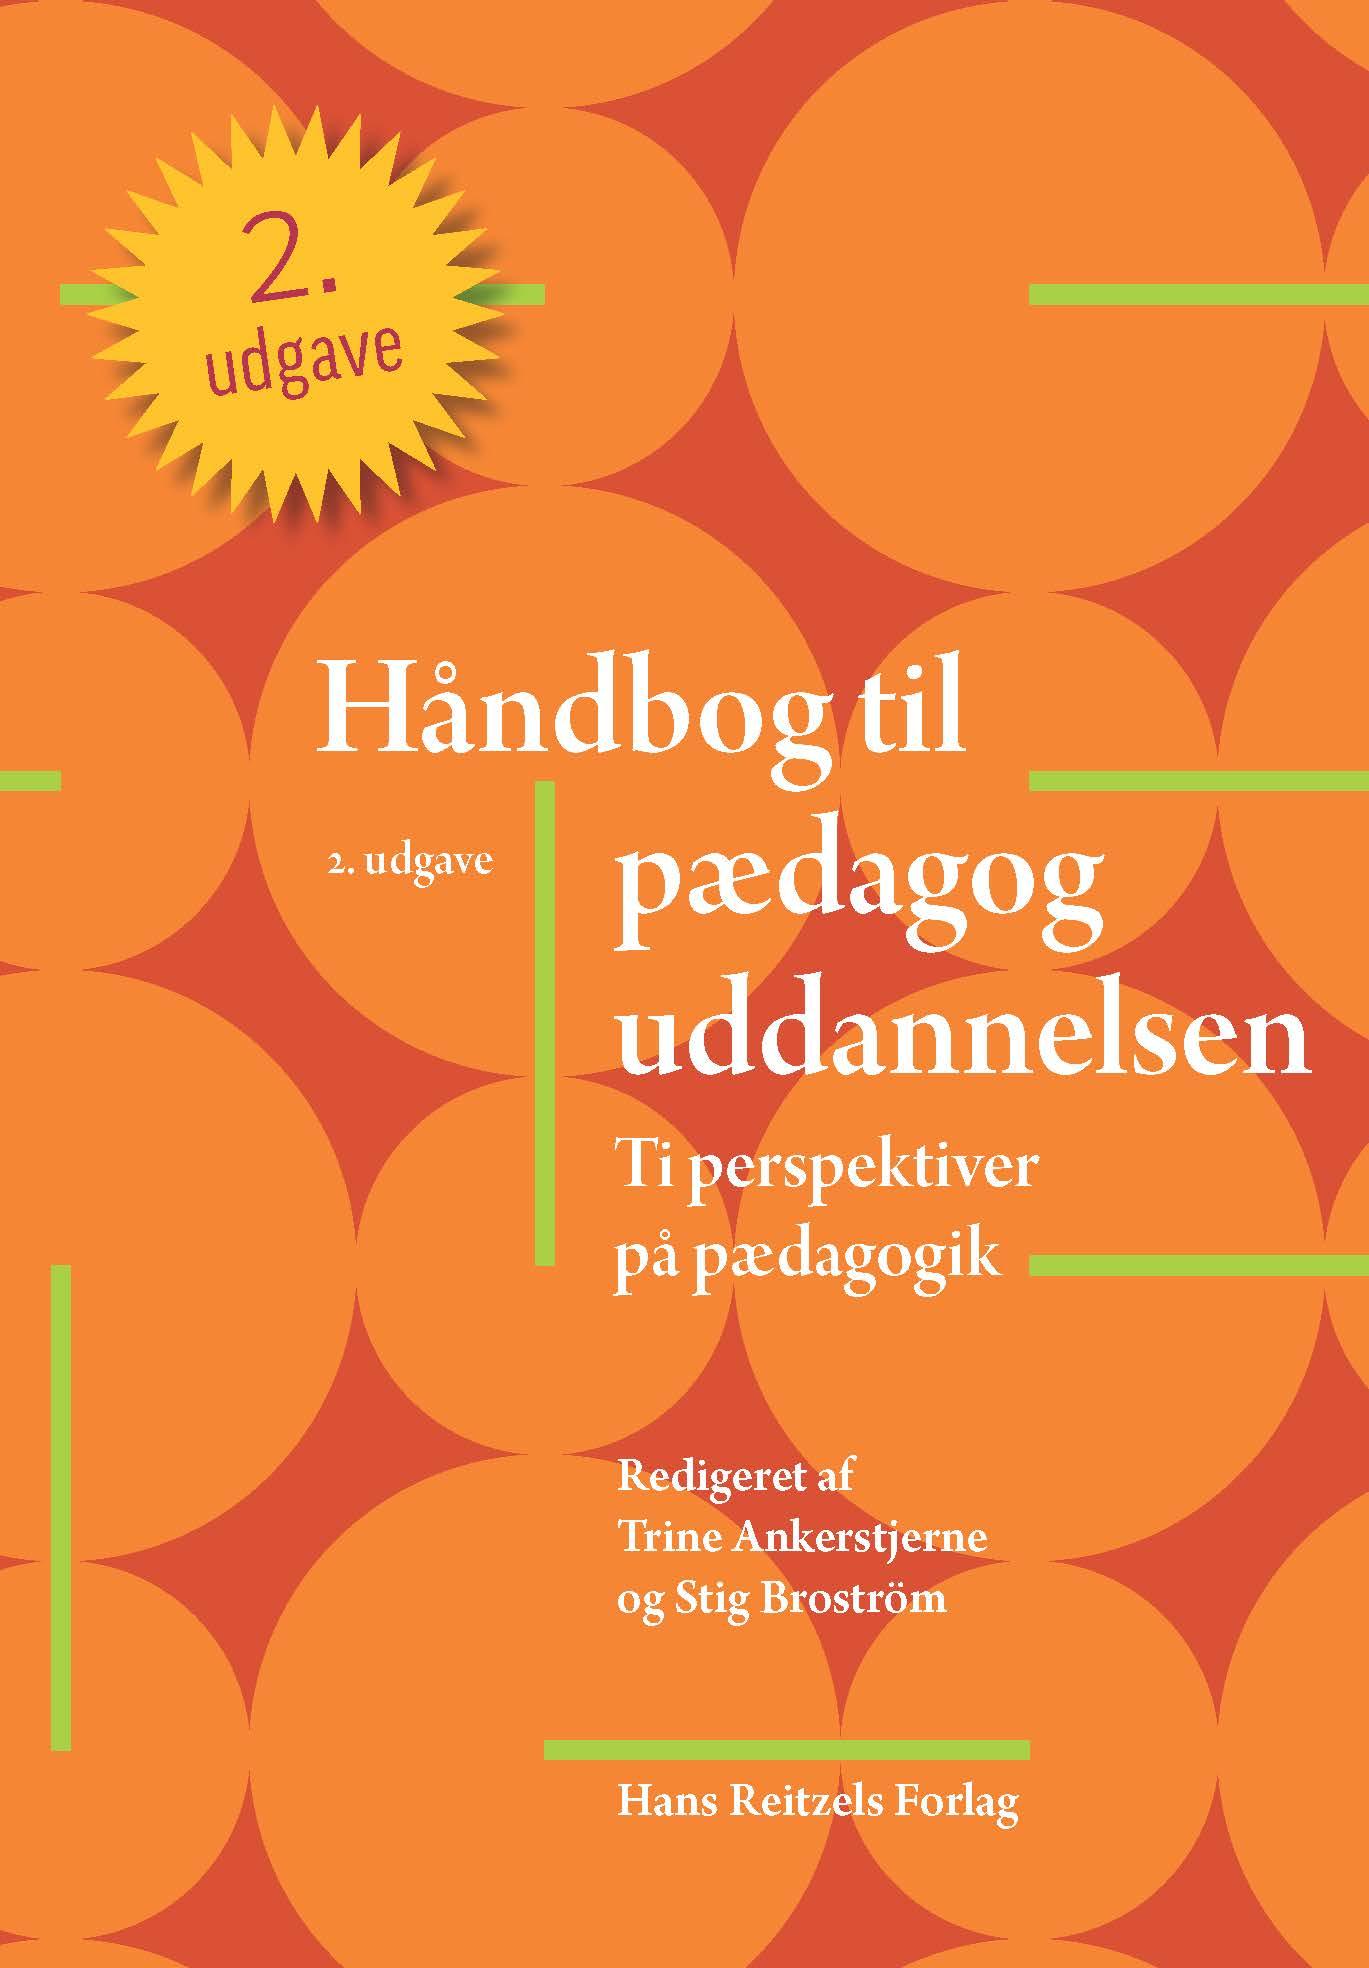 Håndbog til pædagoguddannelsen